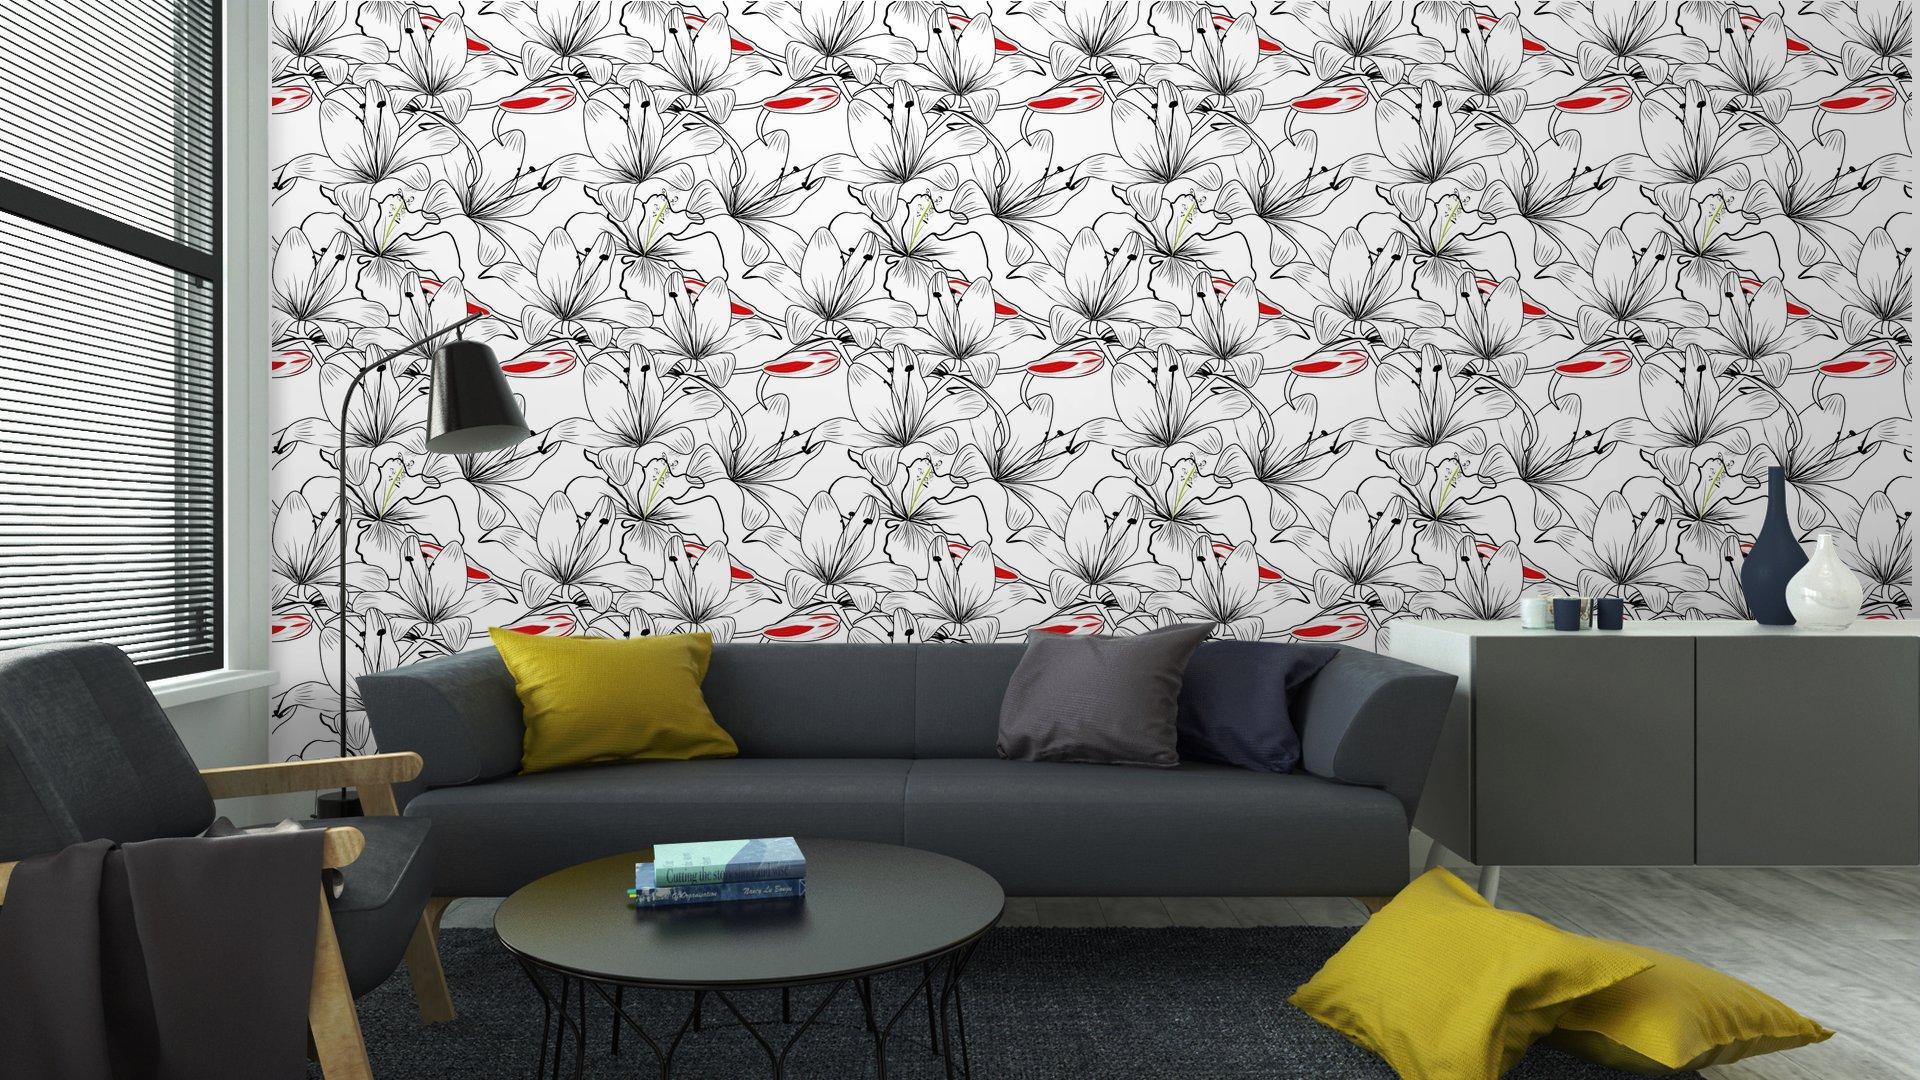 Fotomurales mexico papeles pintados patron sin fisuras con flores de lirio blanco 6 - Papel Tapiz Patrón Flores de Lirio en Fondo Blanco 01